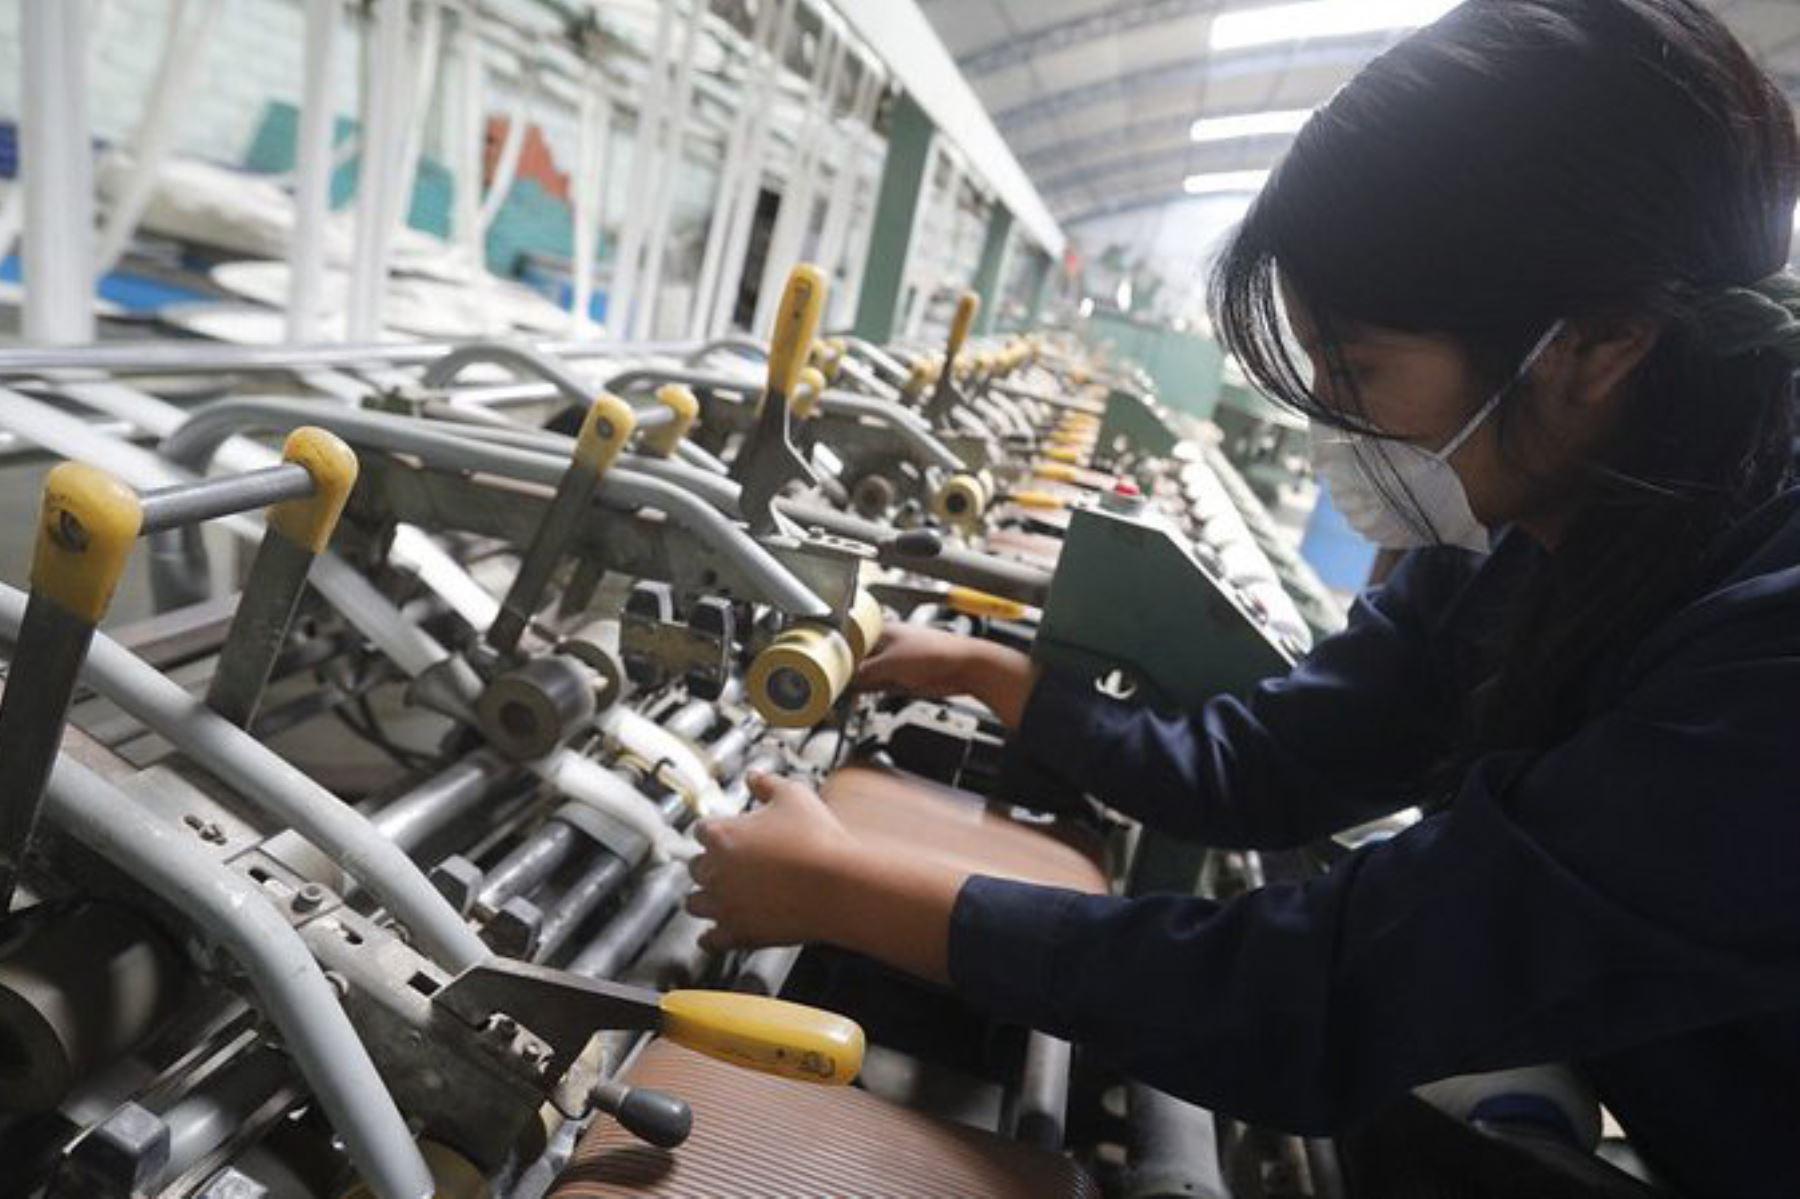 Costos de producción de las empresas disminuyen cuando se aplican normas técnicas